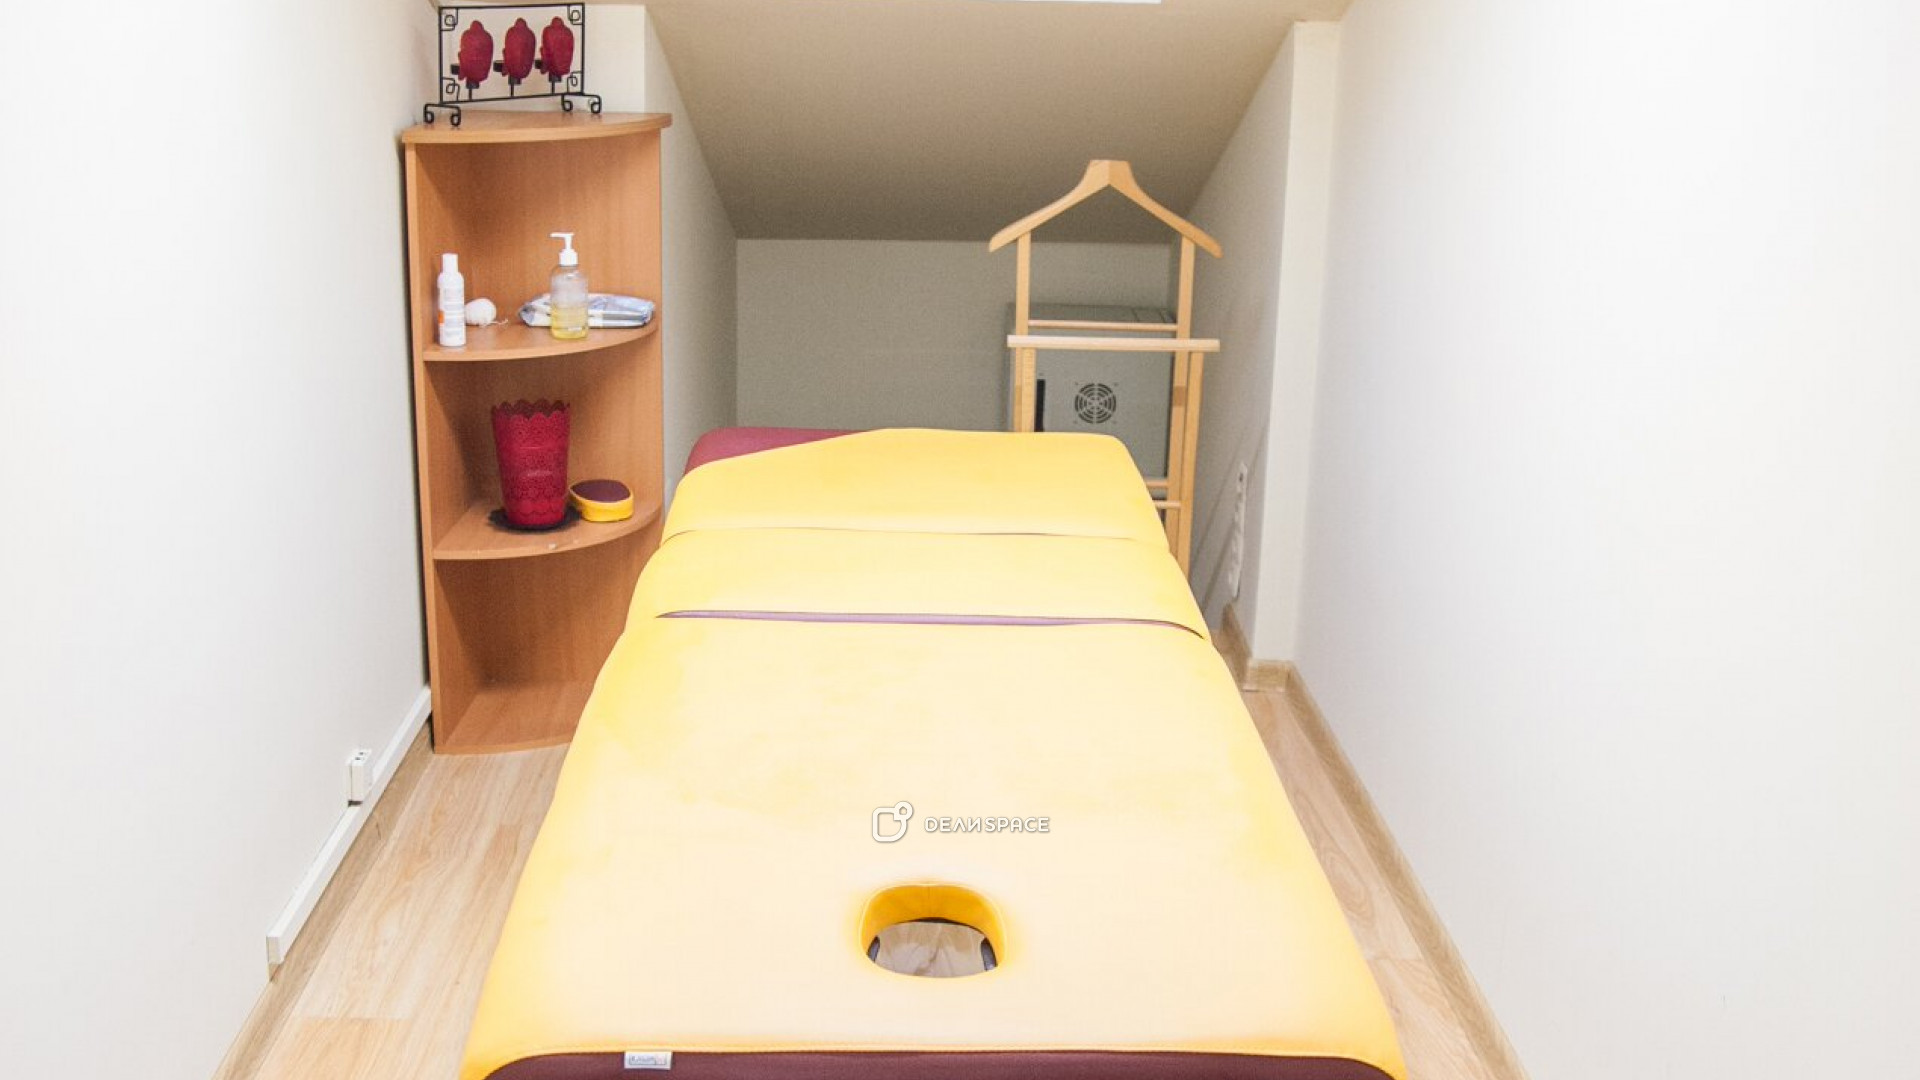 Кабинет для массажа и индивидуальных консультаций - фото №2